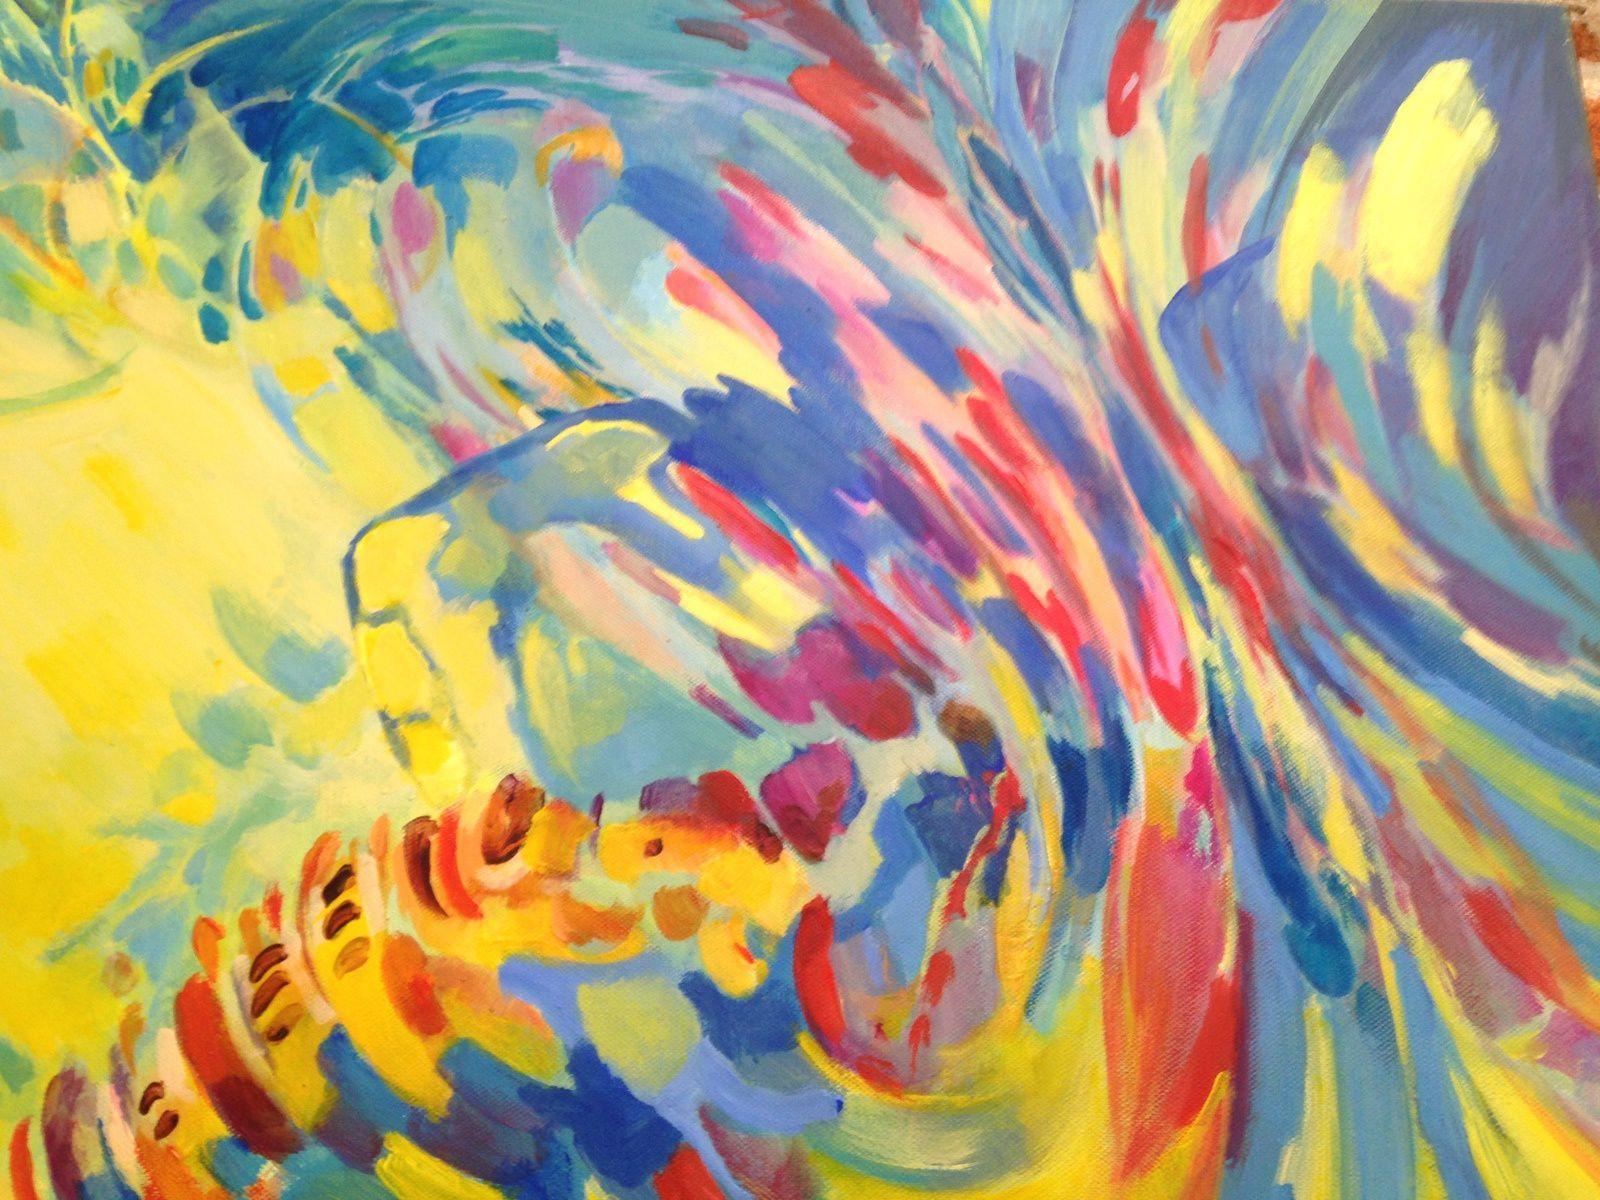 #exposition #artistes #leguevin #charlotteblabla blog